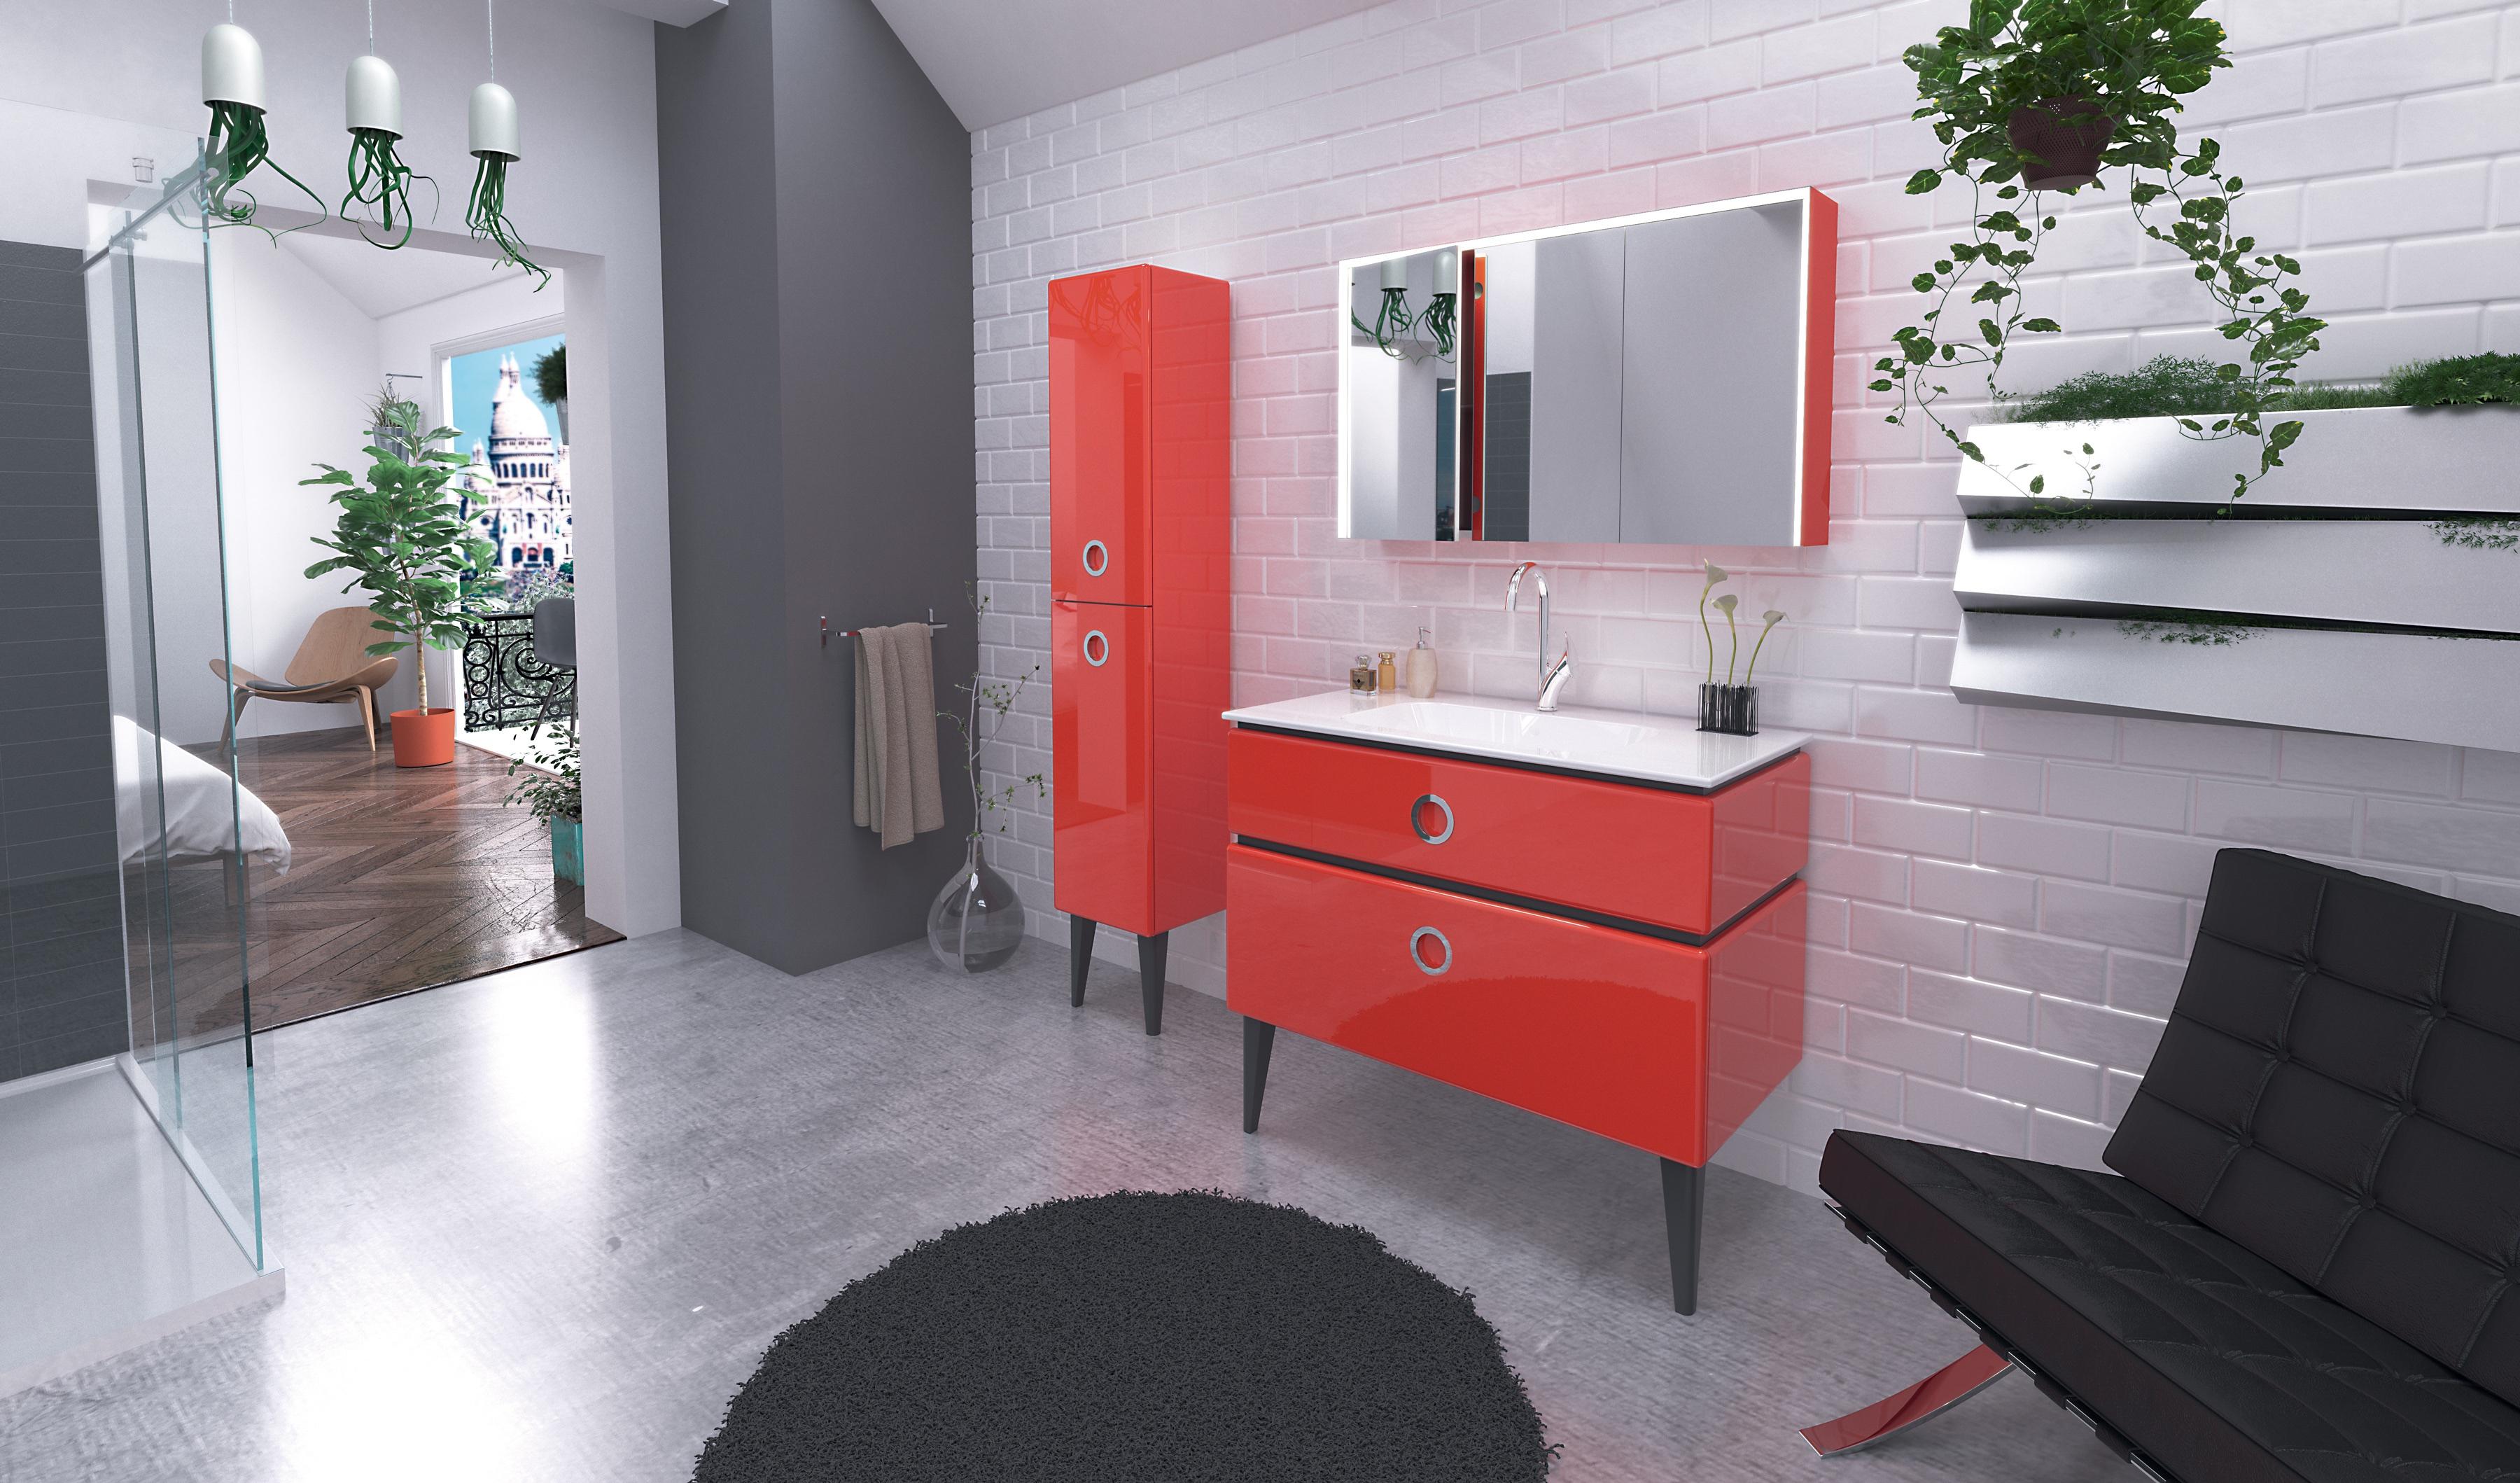 Salle De Bain Et Wc Dans Espace Reduit 10 solutions gain de place pour aménager votre petit espace